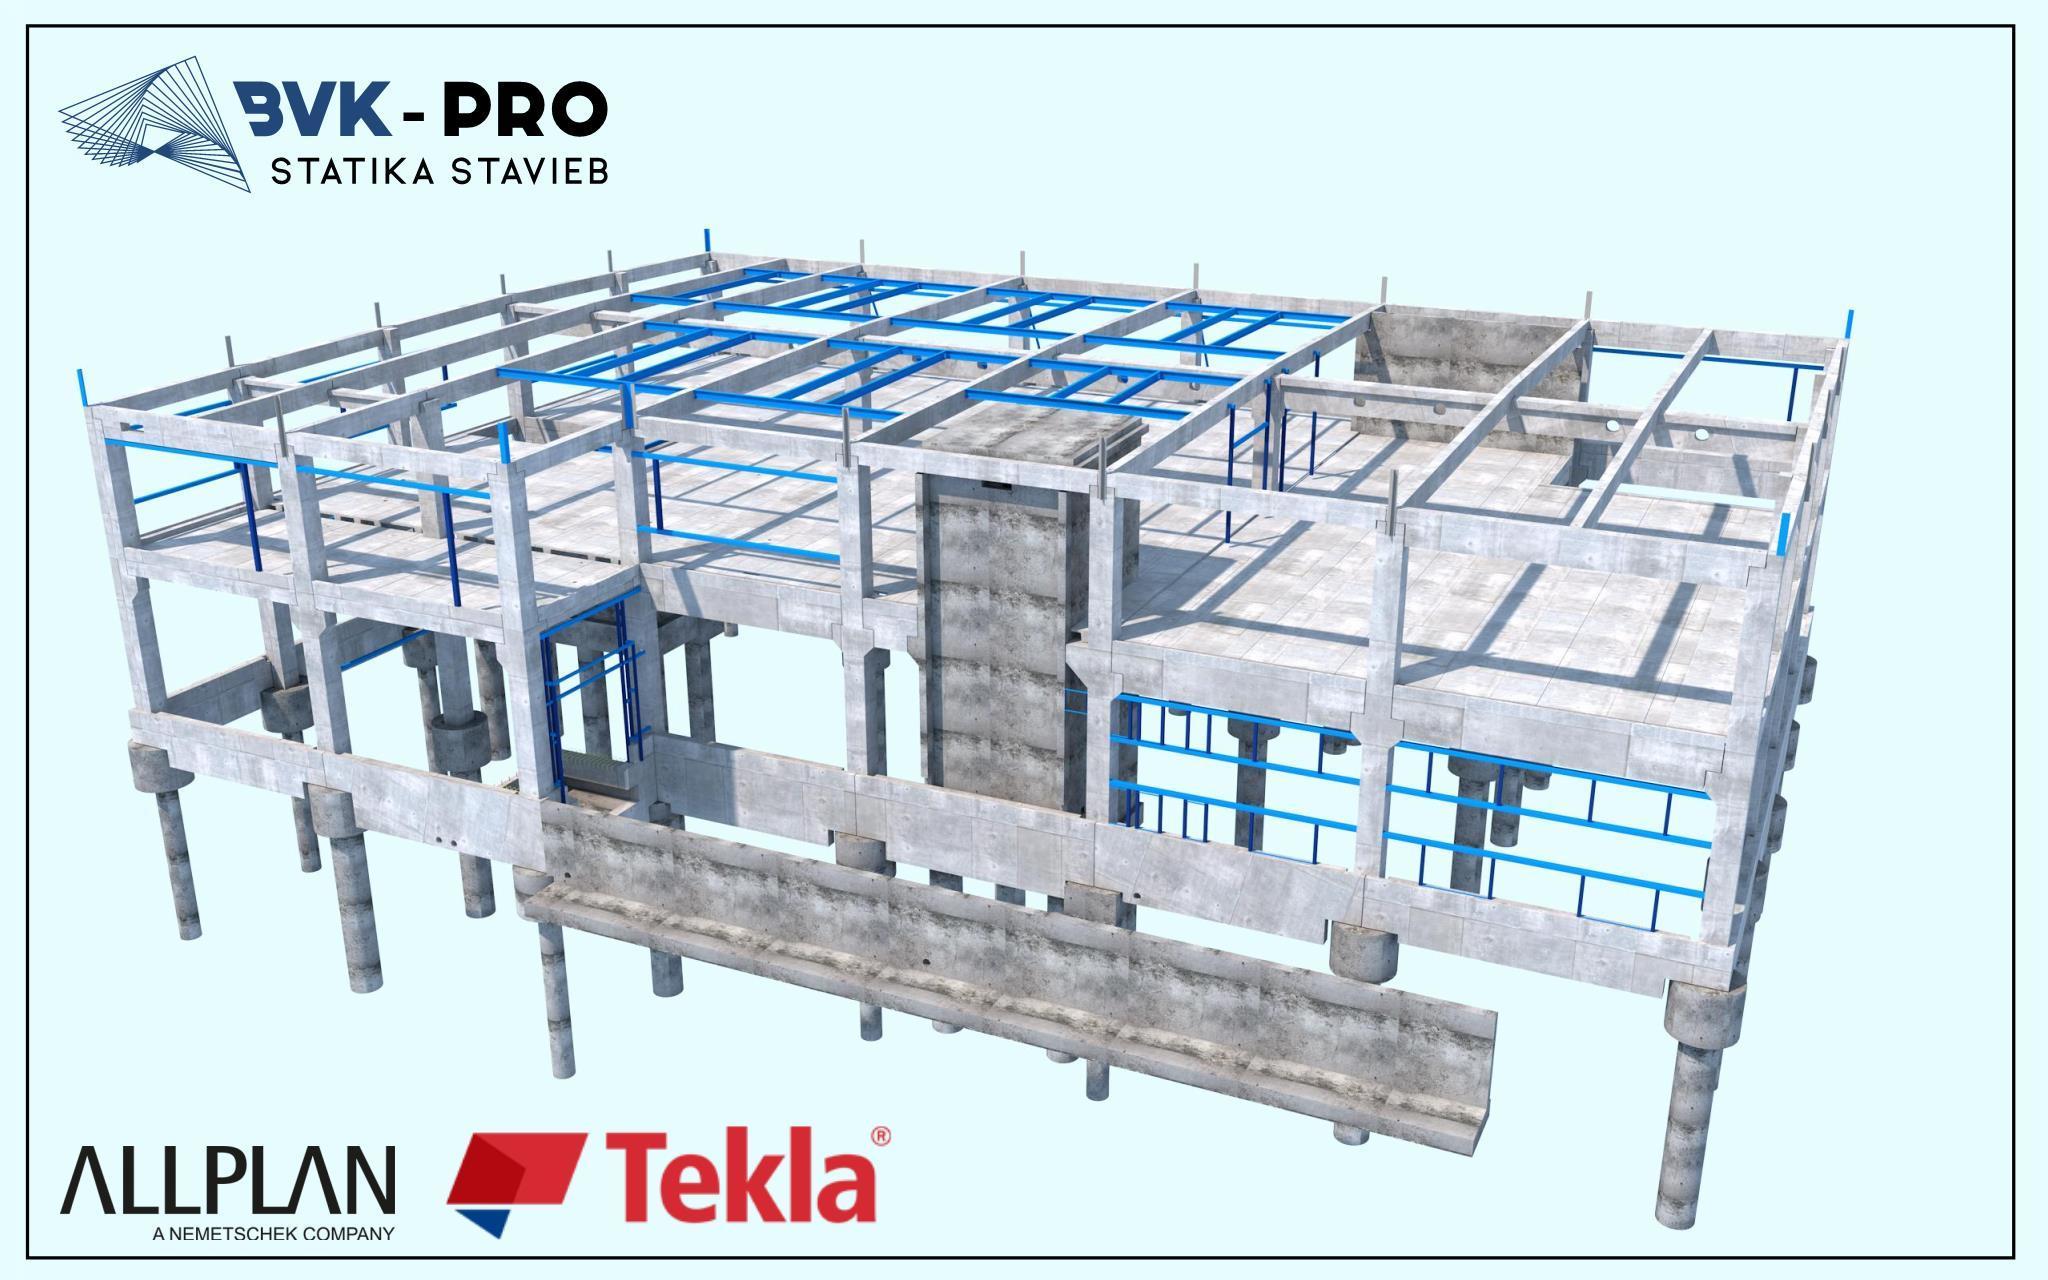 19 227 Rekonštrukcia A Prístavba Skladovej Haly Bvk Pro Page 005